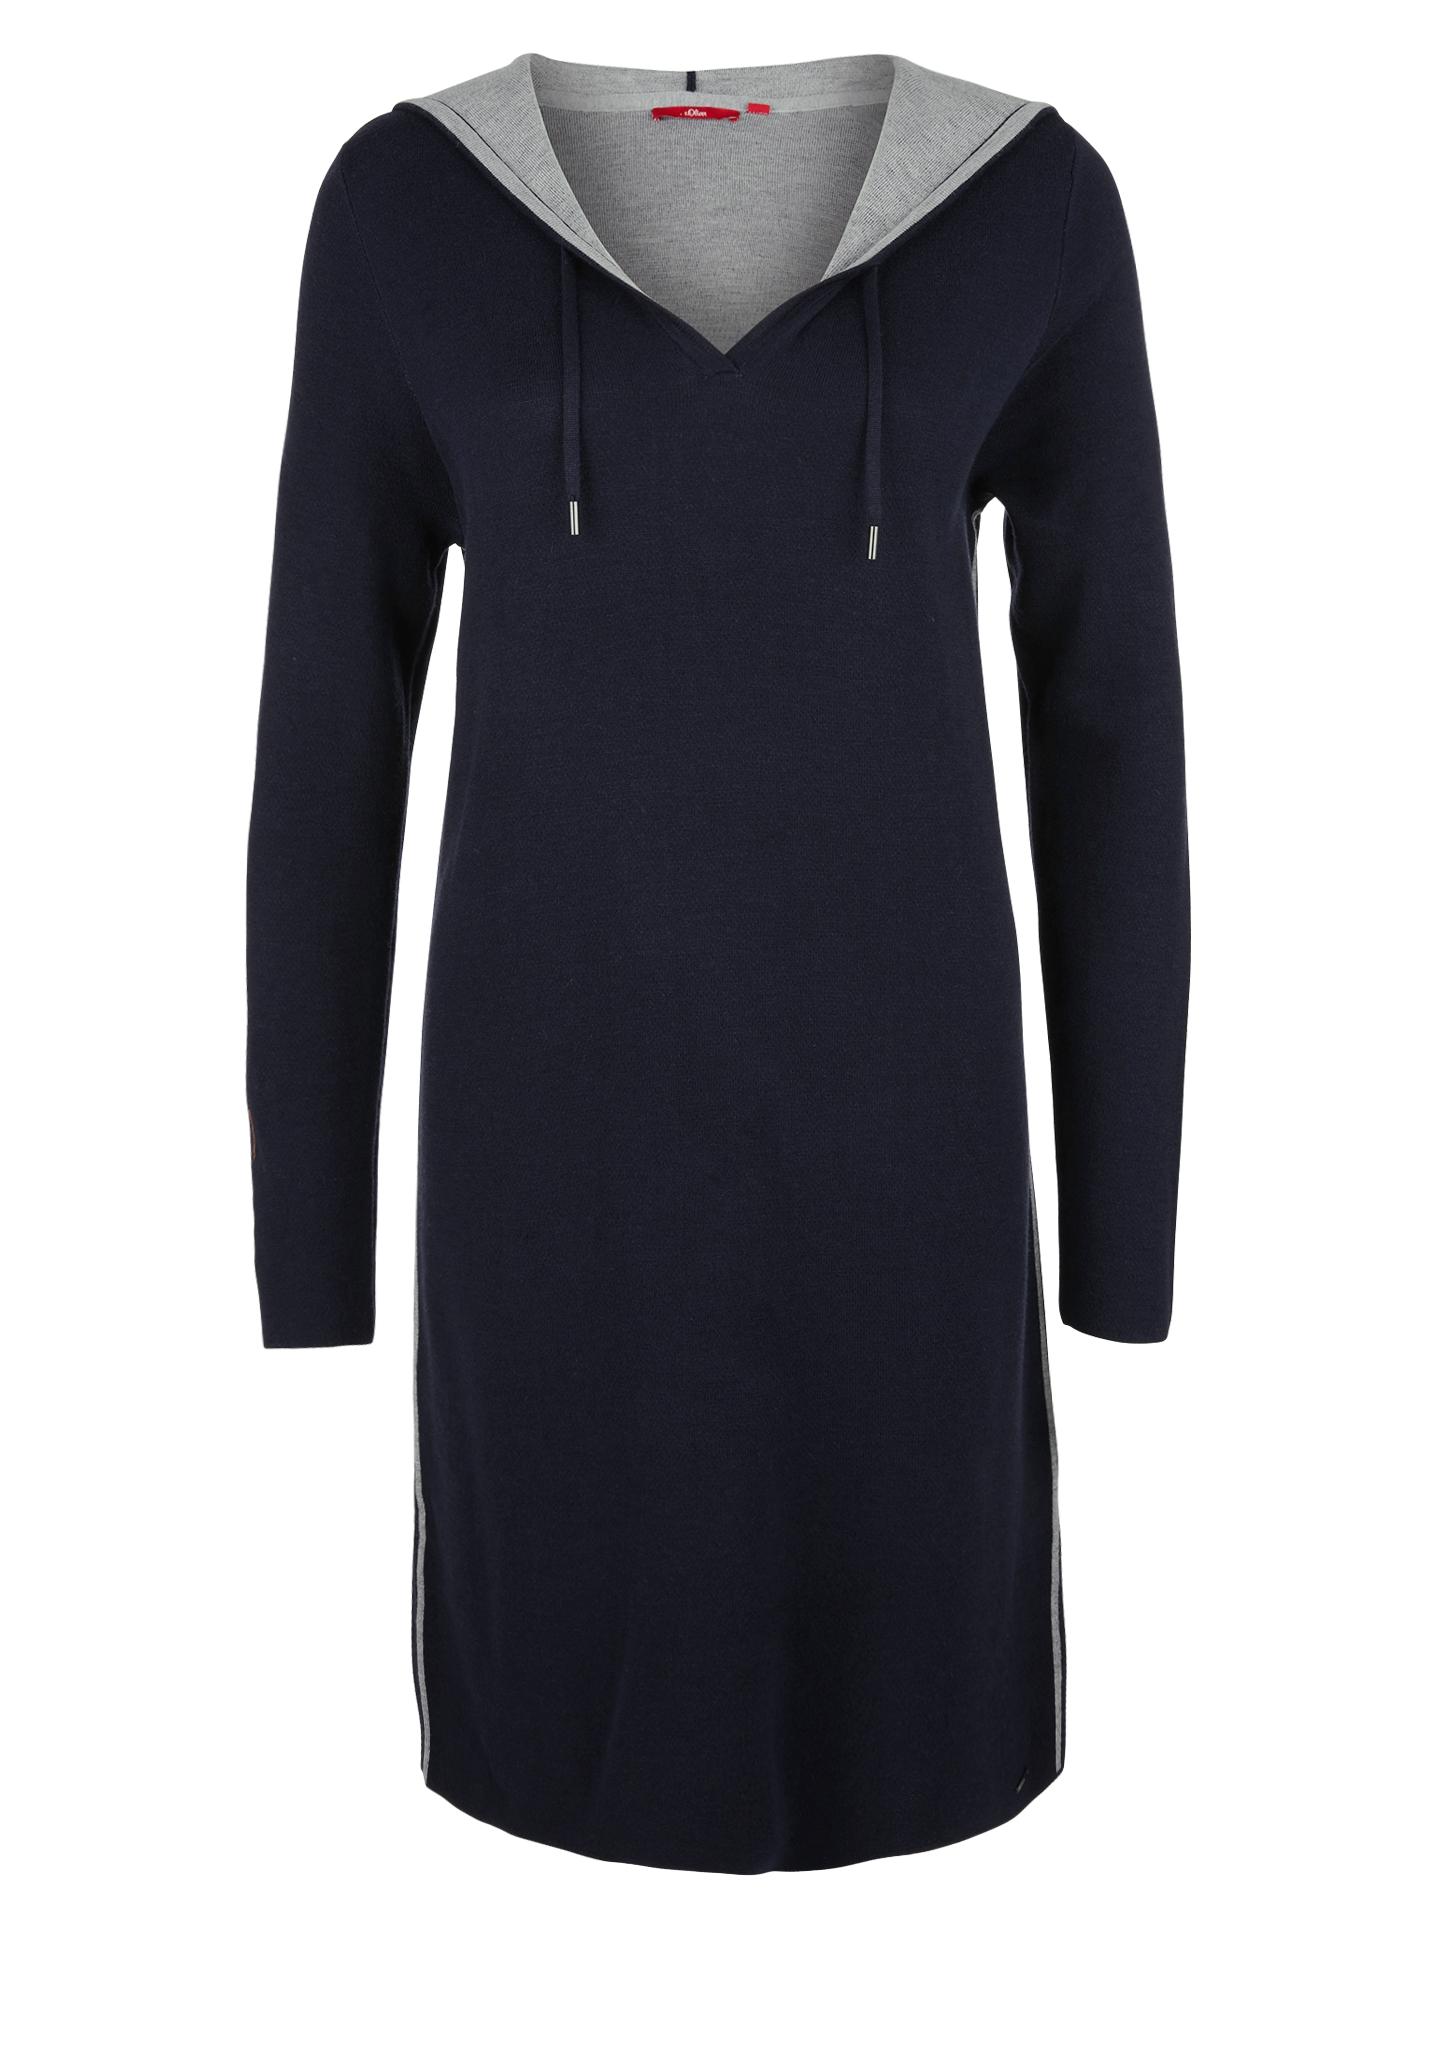 c2afd8dfa9129 viskose Sonstige Kleider für Damen online kaufen | Damenmode ...